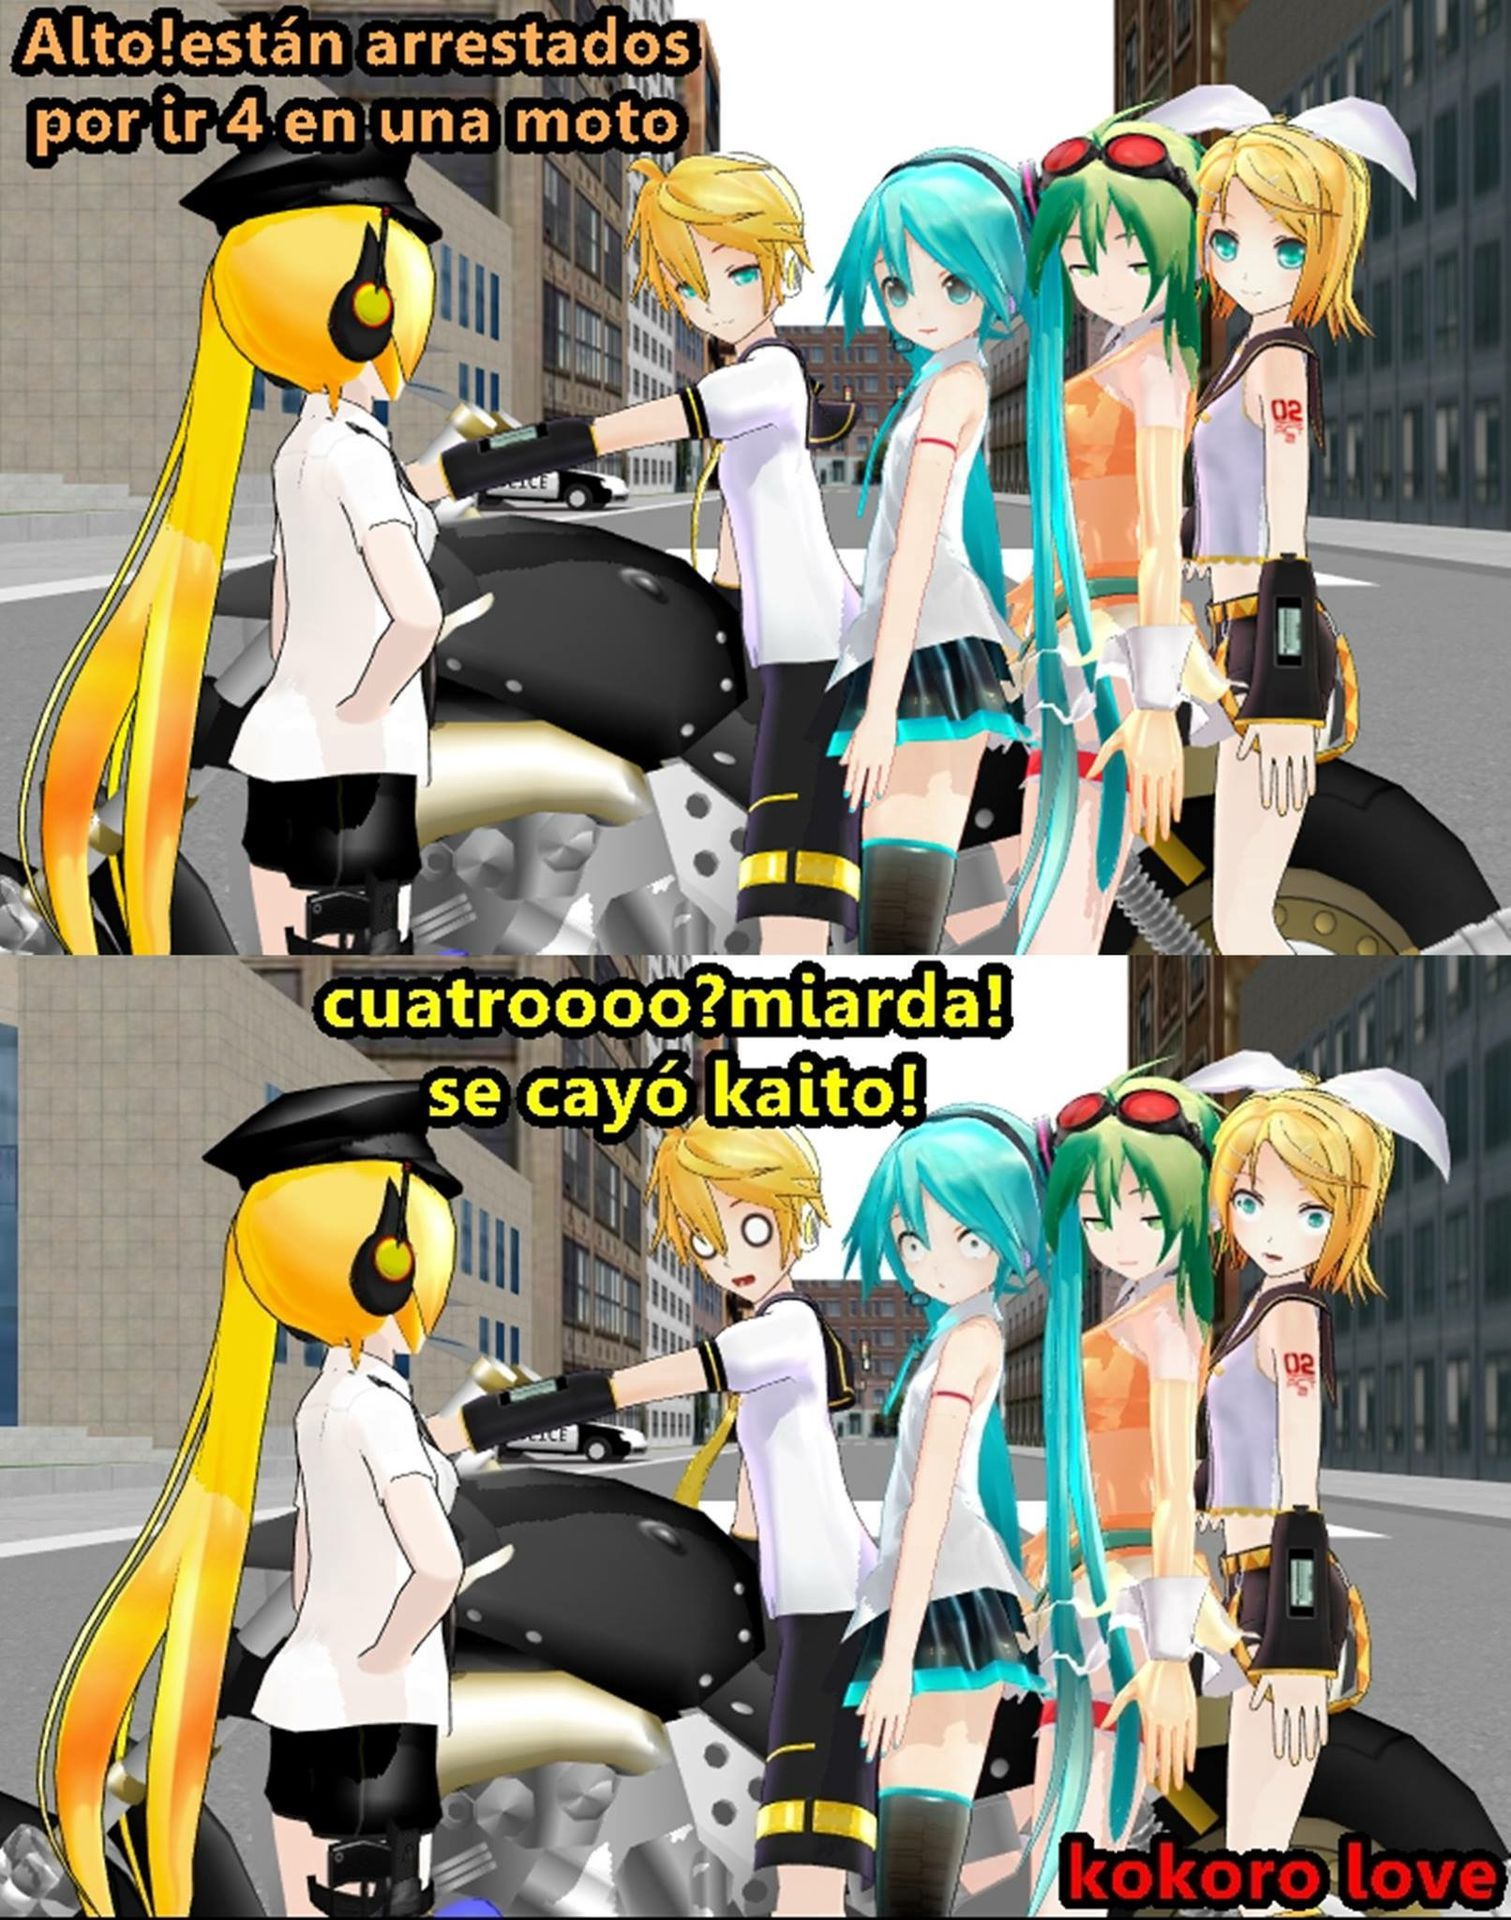 Memes  de Vocaloid